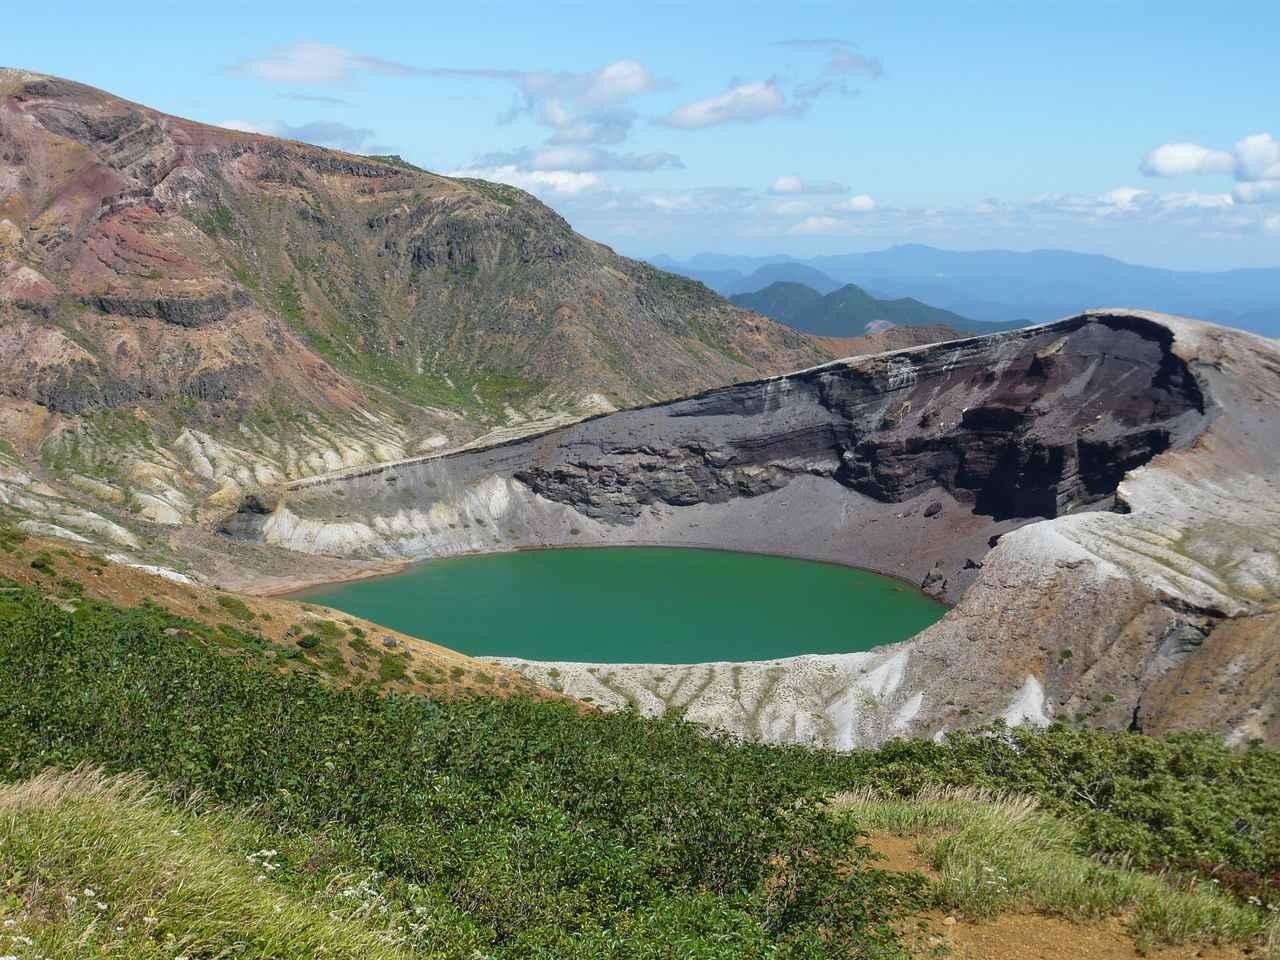 画像2: 【宮城】荒々しい山肌と美しい火山湖が世界遺産・トンガリロ国立公園のような「御釜」